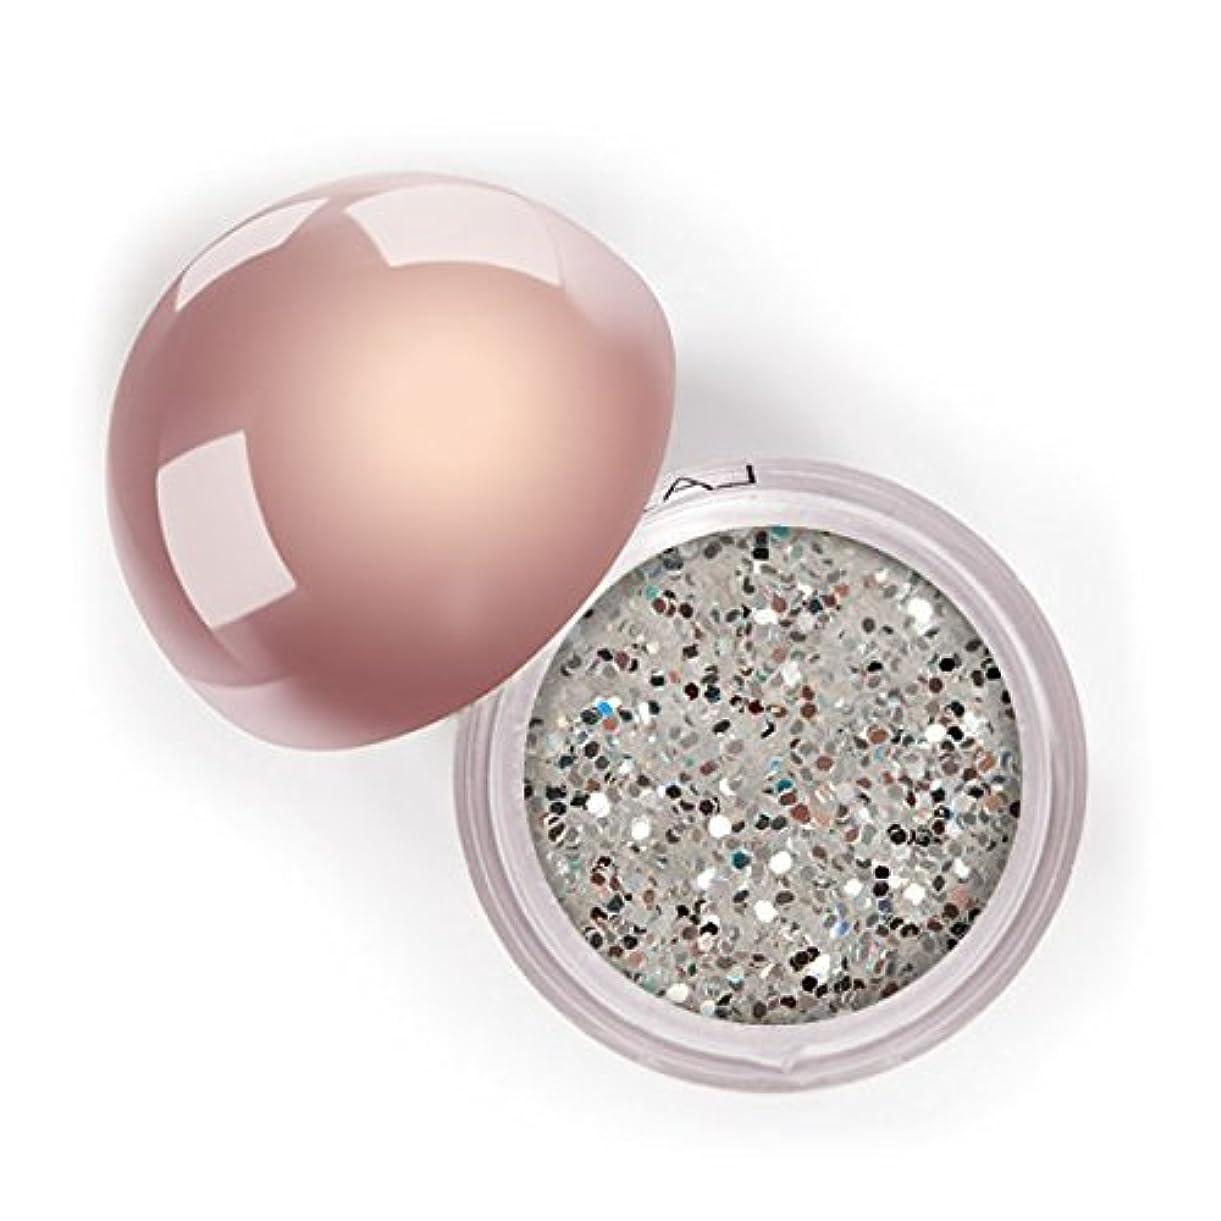 裂け目こどもの宮殿持っているLA Splash Crystallized Glitter - Pina Colada (並行輸入品)